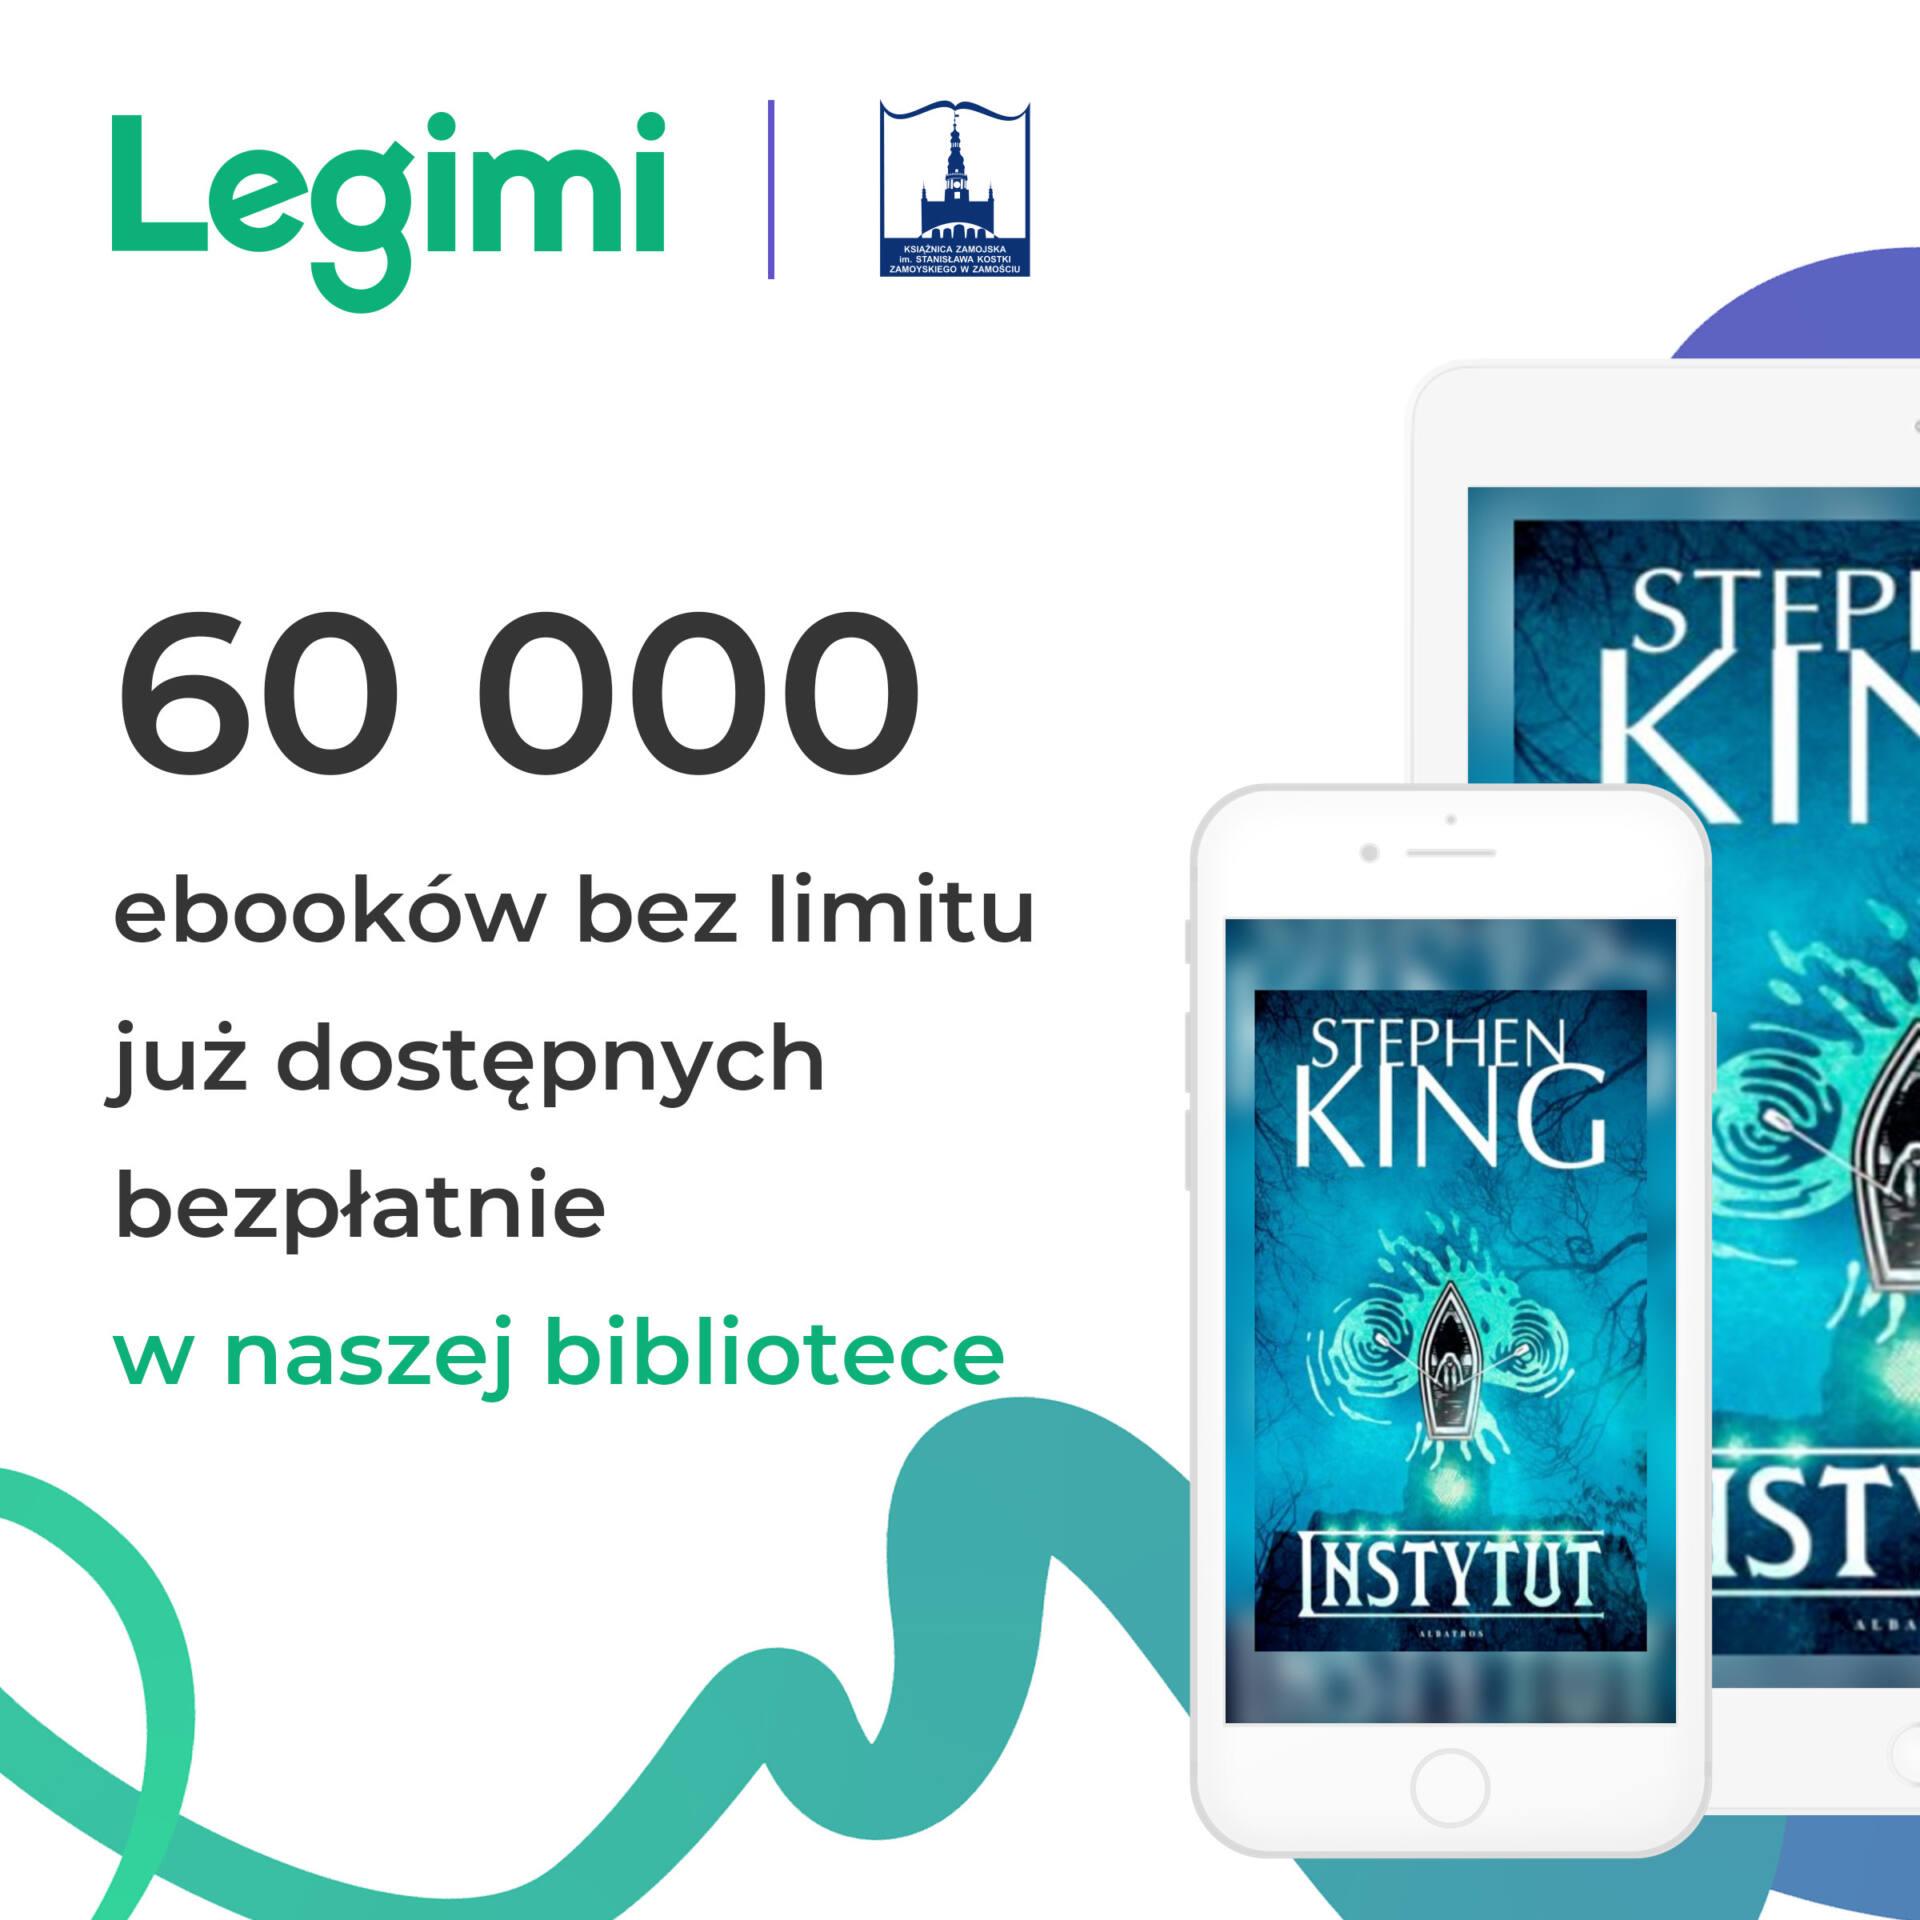 dla bibliotek fb 60k jpg Bezpłatna wypożyczalnia e-booków w Książnicy Zamojskiej